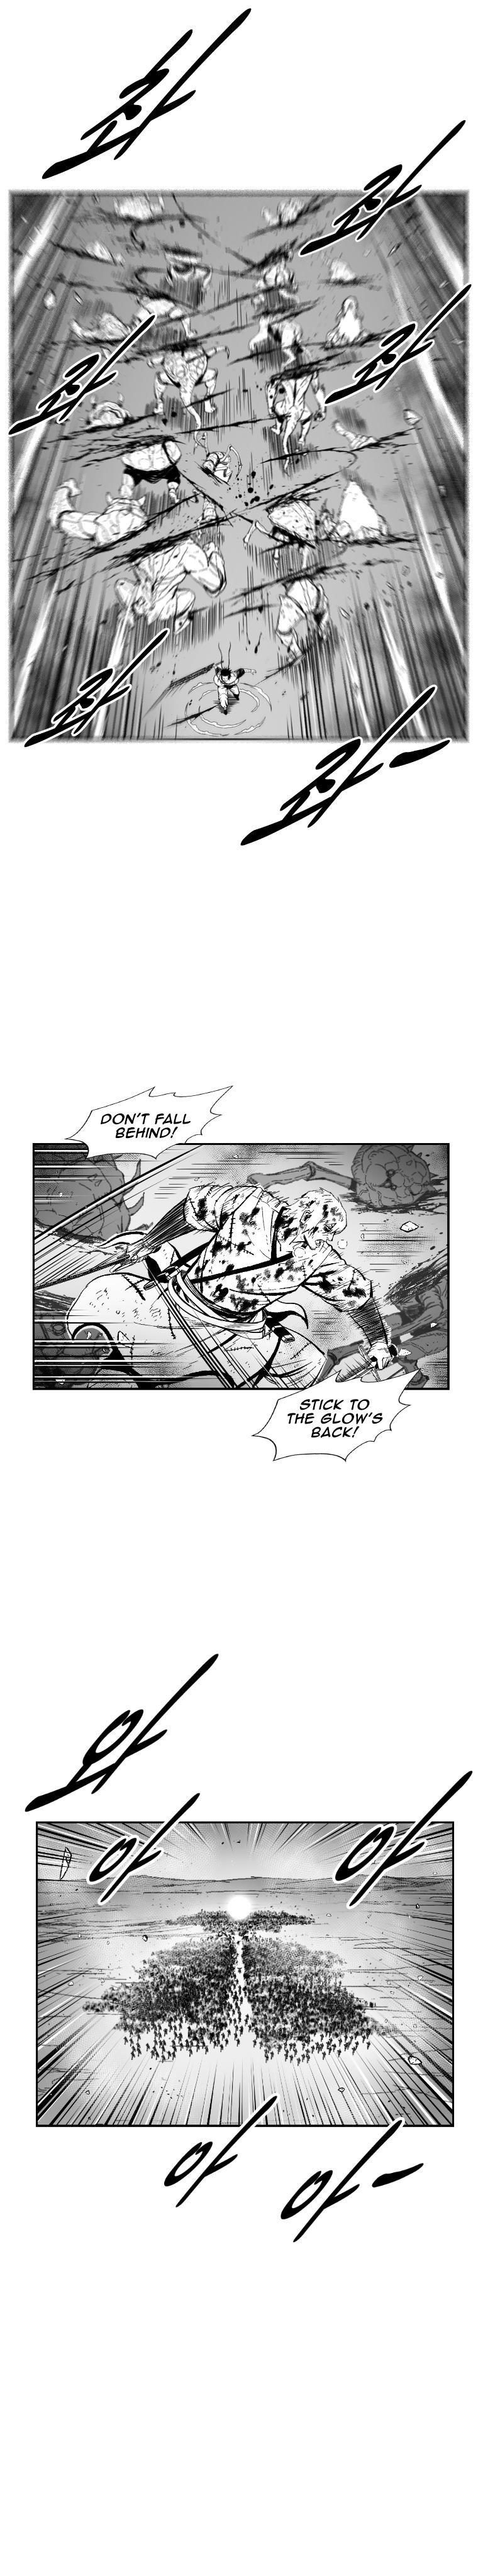 Red Storm Vol.16 Chapter 363 page 14 - Mangakakalots.com